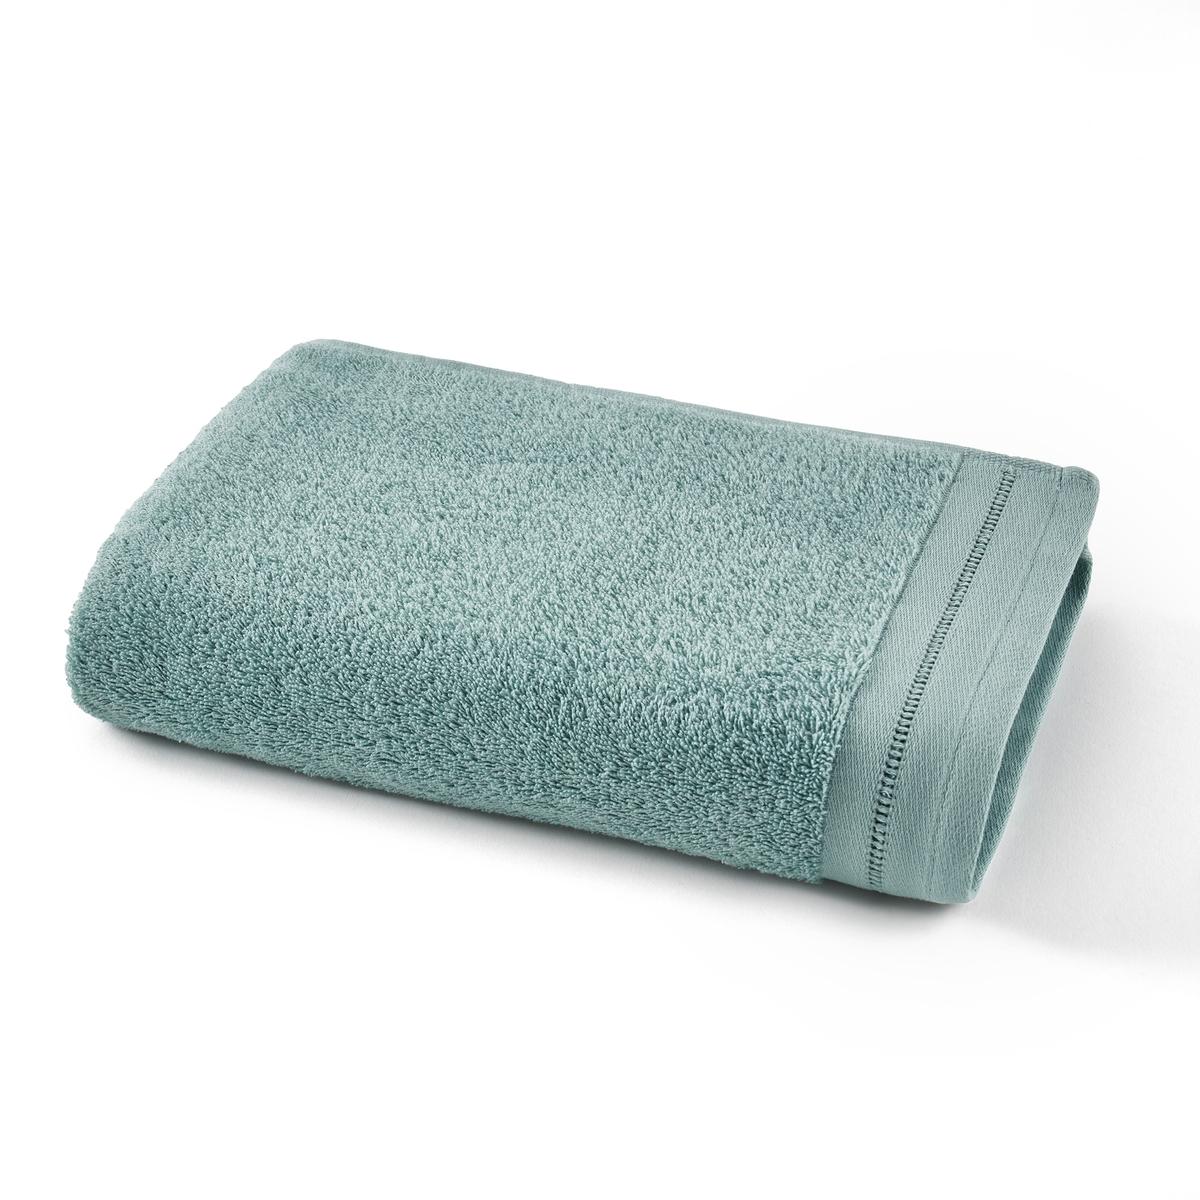 Полотенце La Redoute Для рук махровое с мережкой Secret 50 x 100 см зеленый комплект из полотенце для la redoute рук из хлопка и льна nipaly 50 x 100 см белый